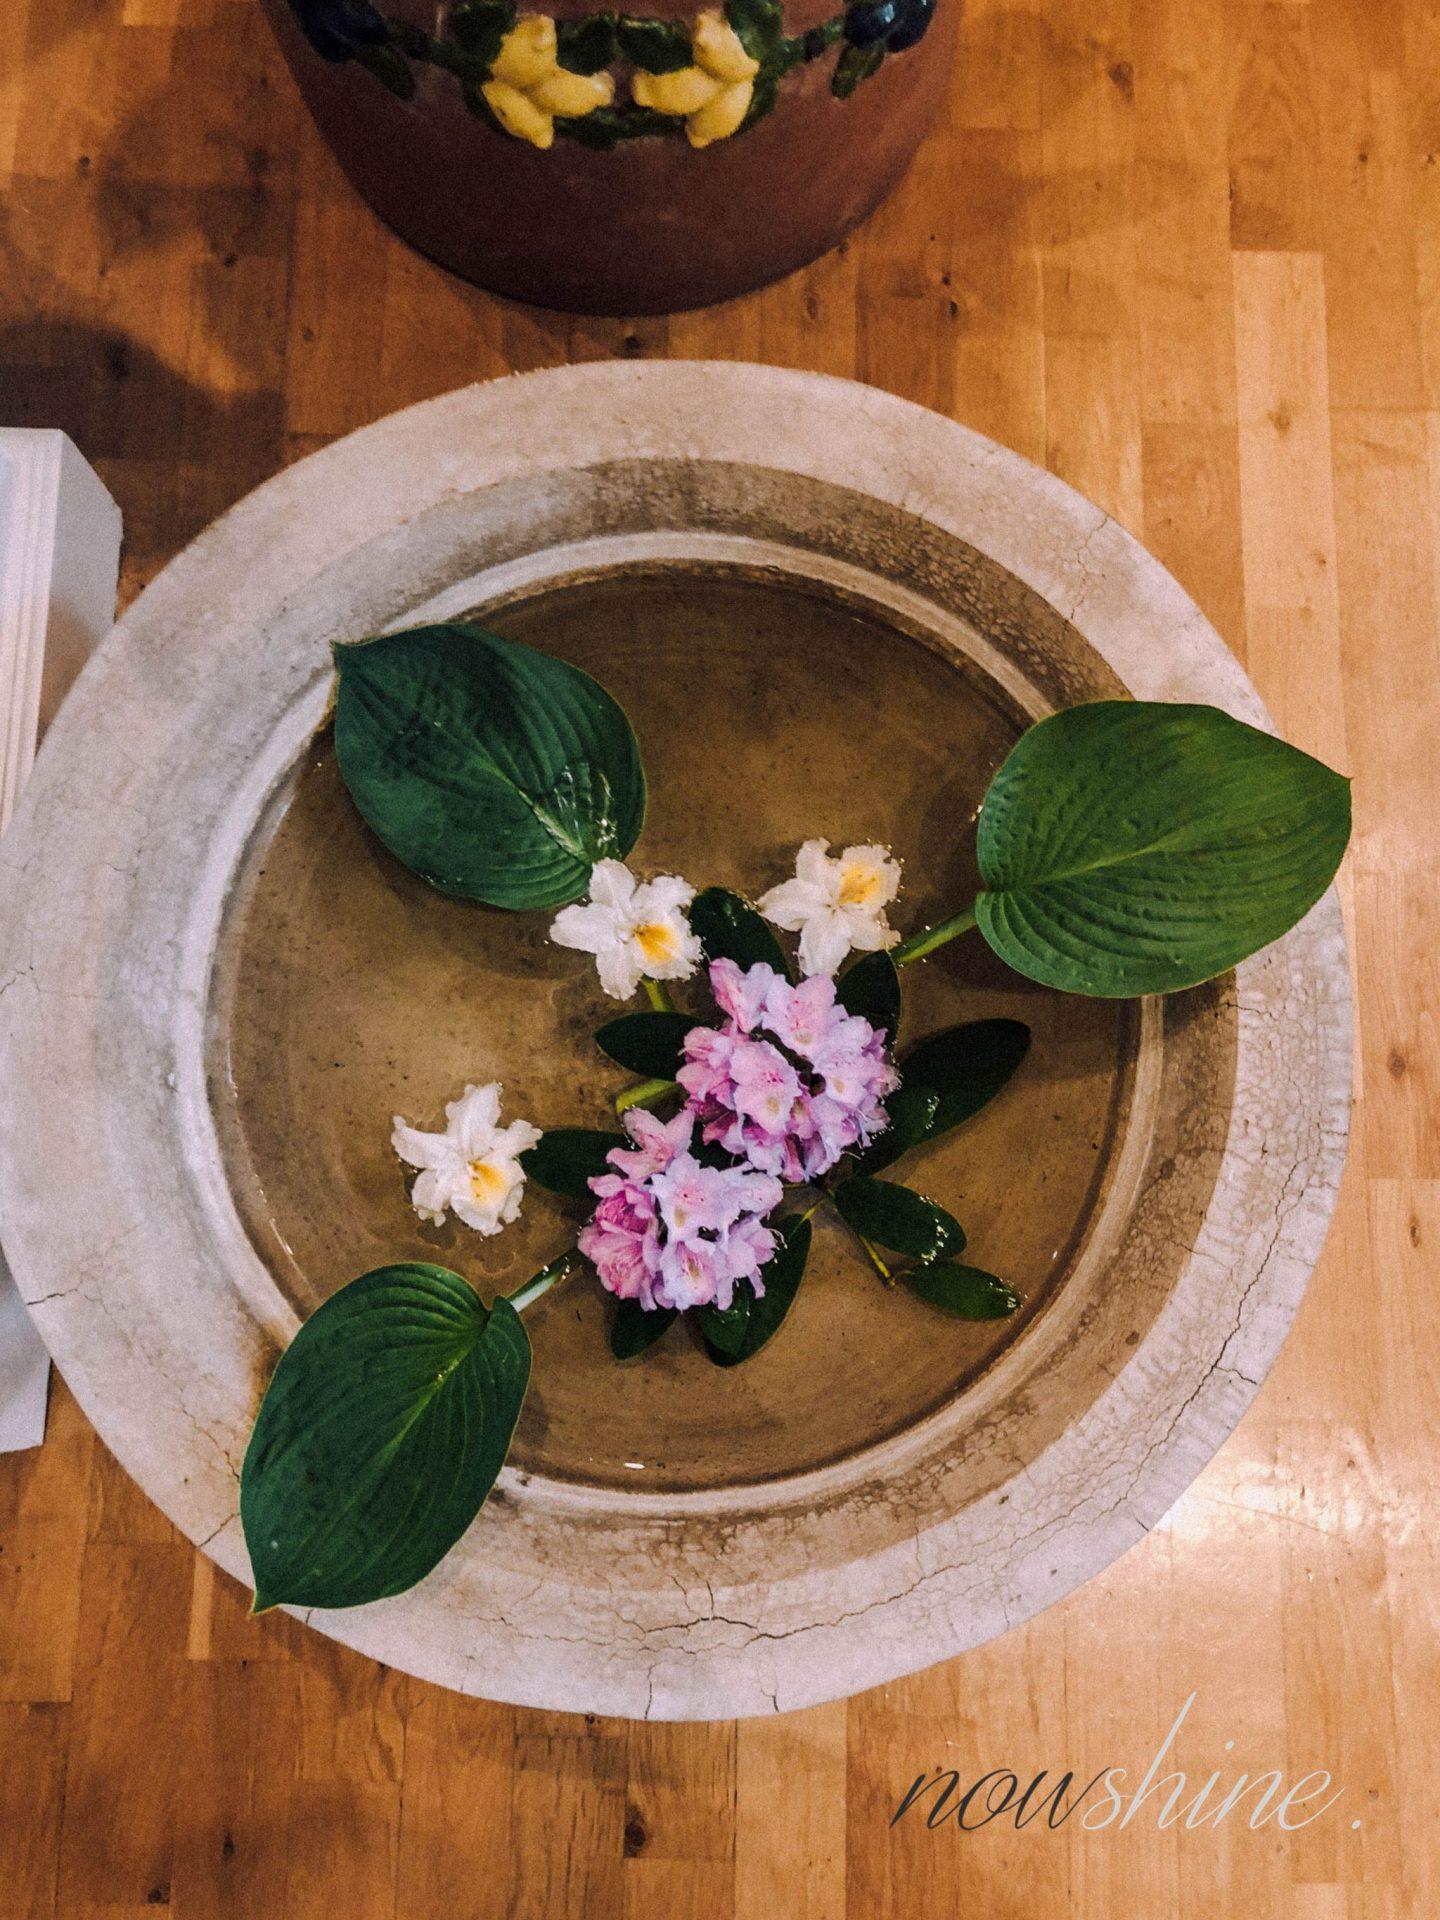 Luxuriöser Kurzurlaub im Relax- und Wellness Hotel Gräflicher Park Bad Driburg - Blumen im Ayurveda Haus